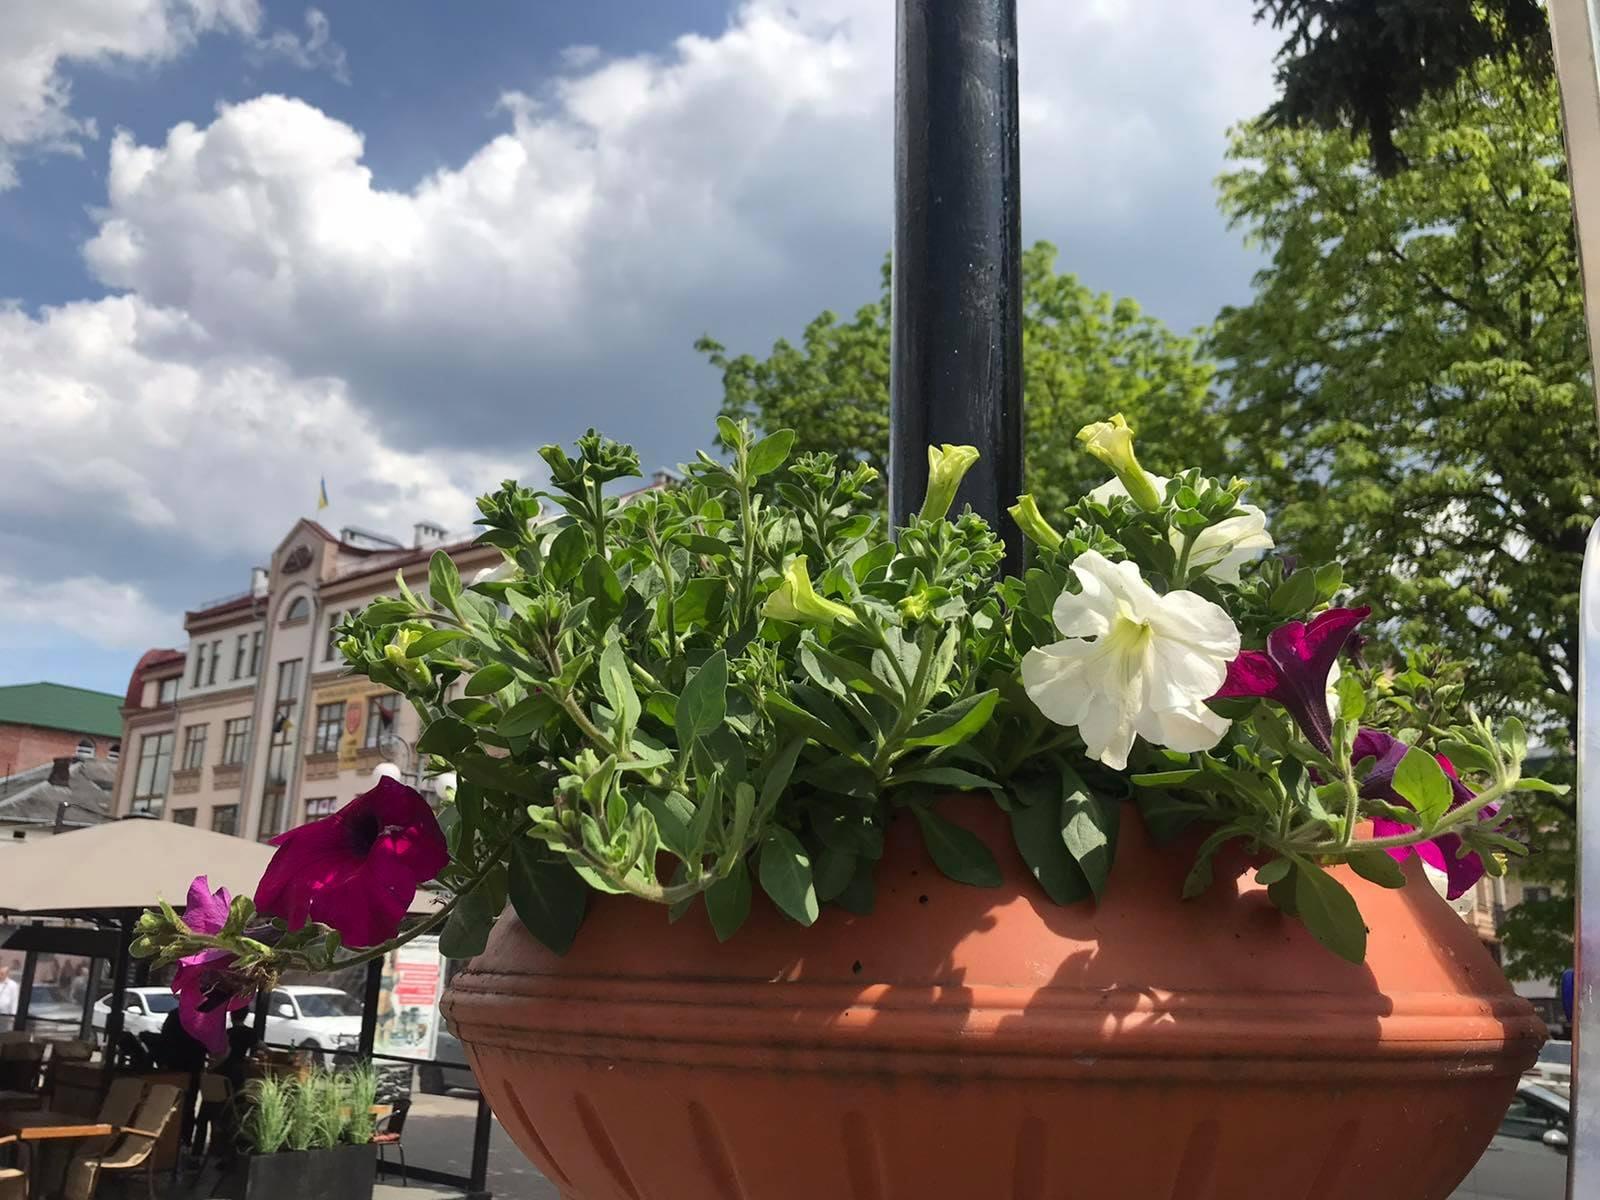 Цинерарія, петунія та лобелія: Франківськ активно прикрашають новими квітами (ФОТО)